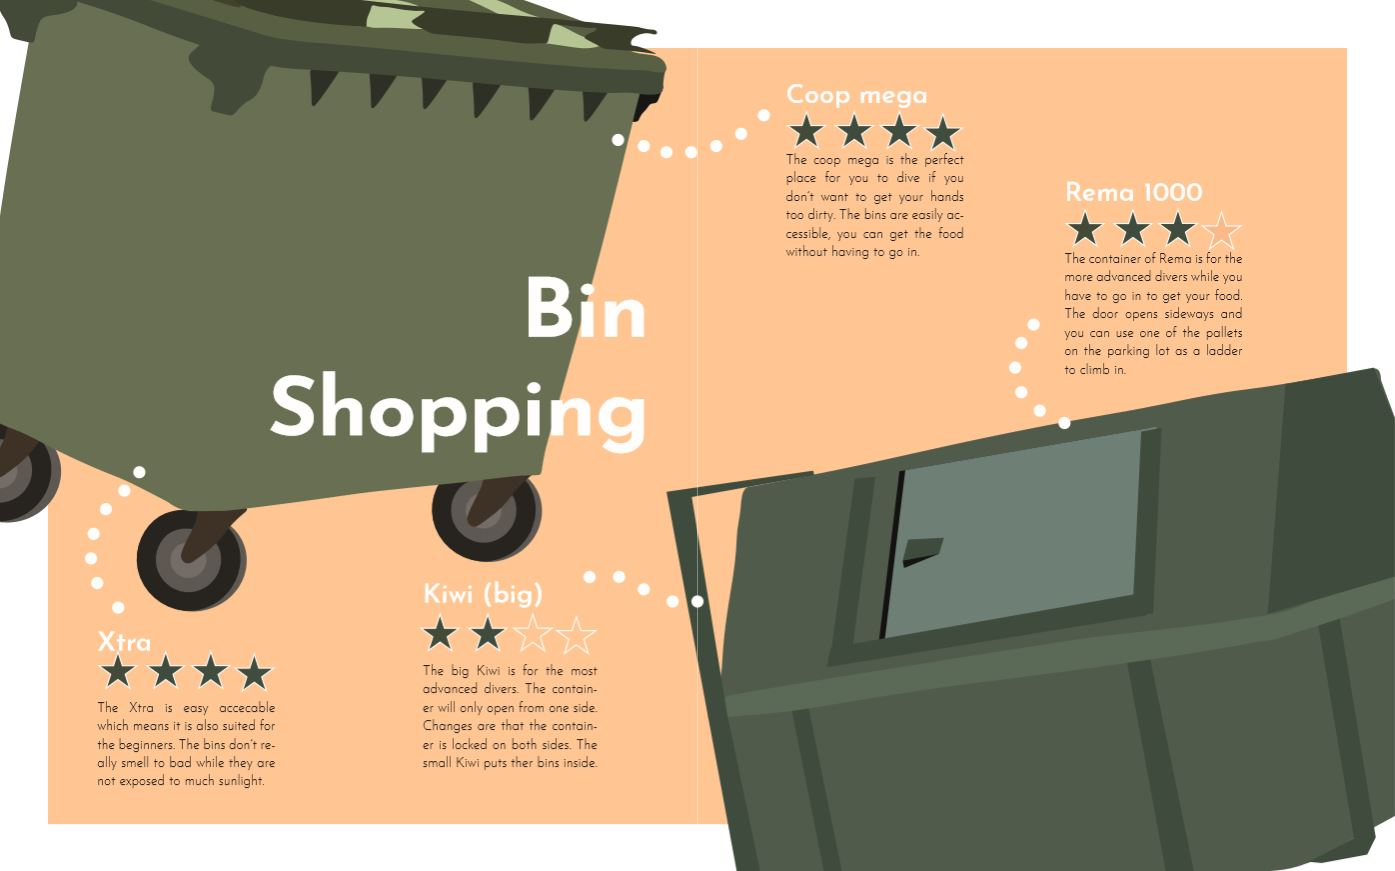 Bin shopping